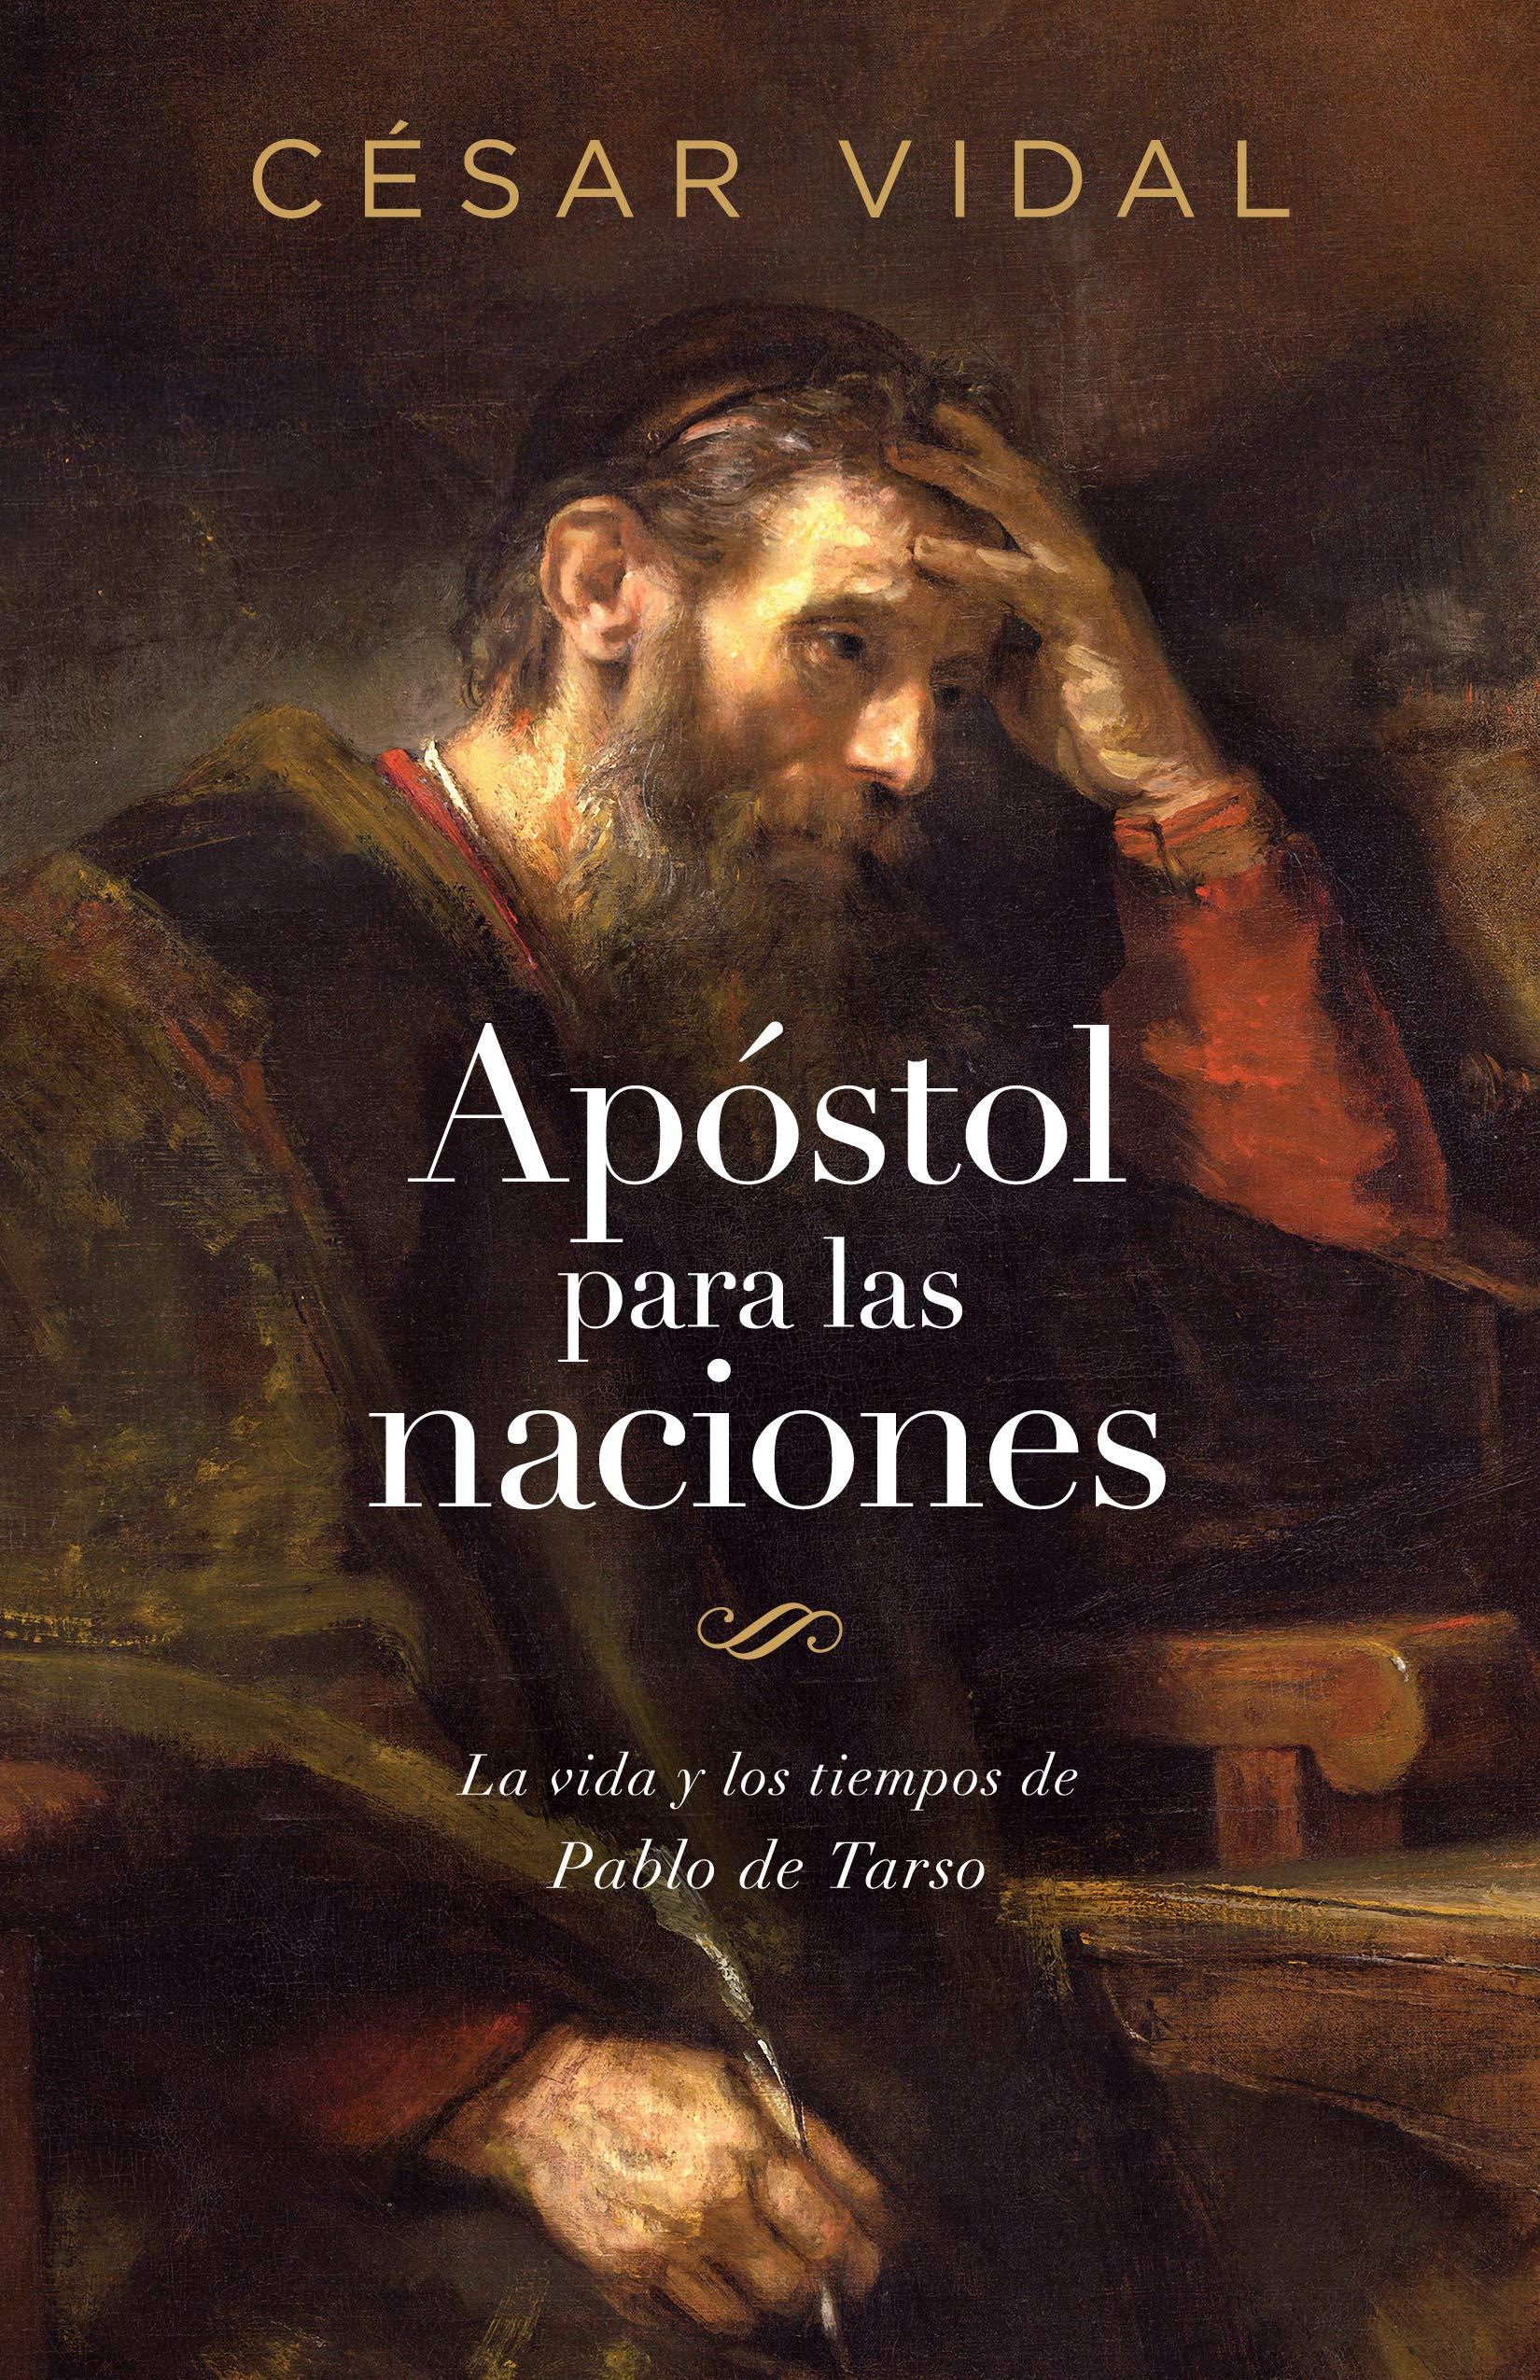 Apostol para las naciones: Amazon.es: Vidal, Cesar: Libros en ...